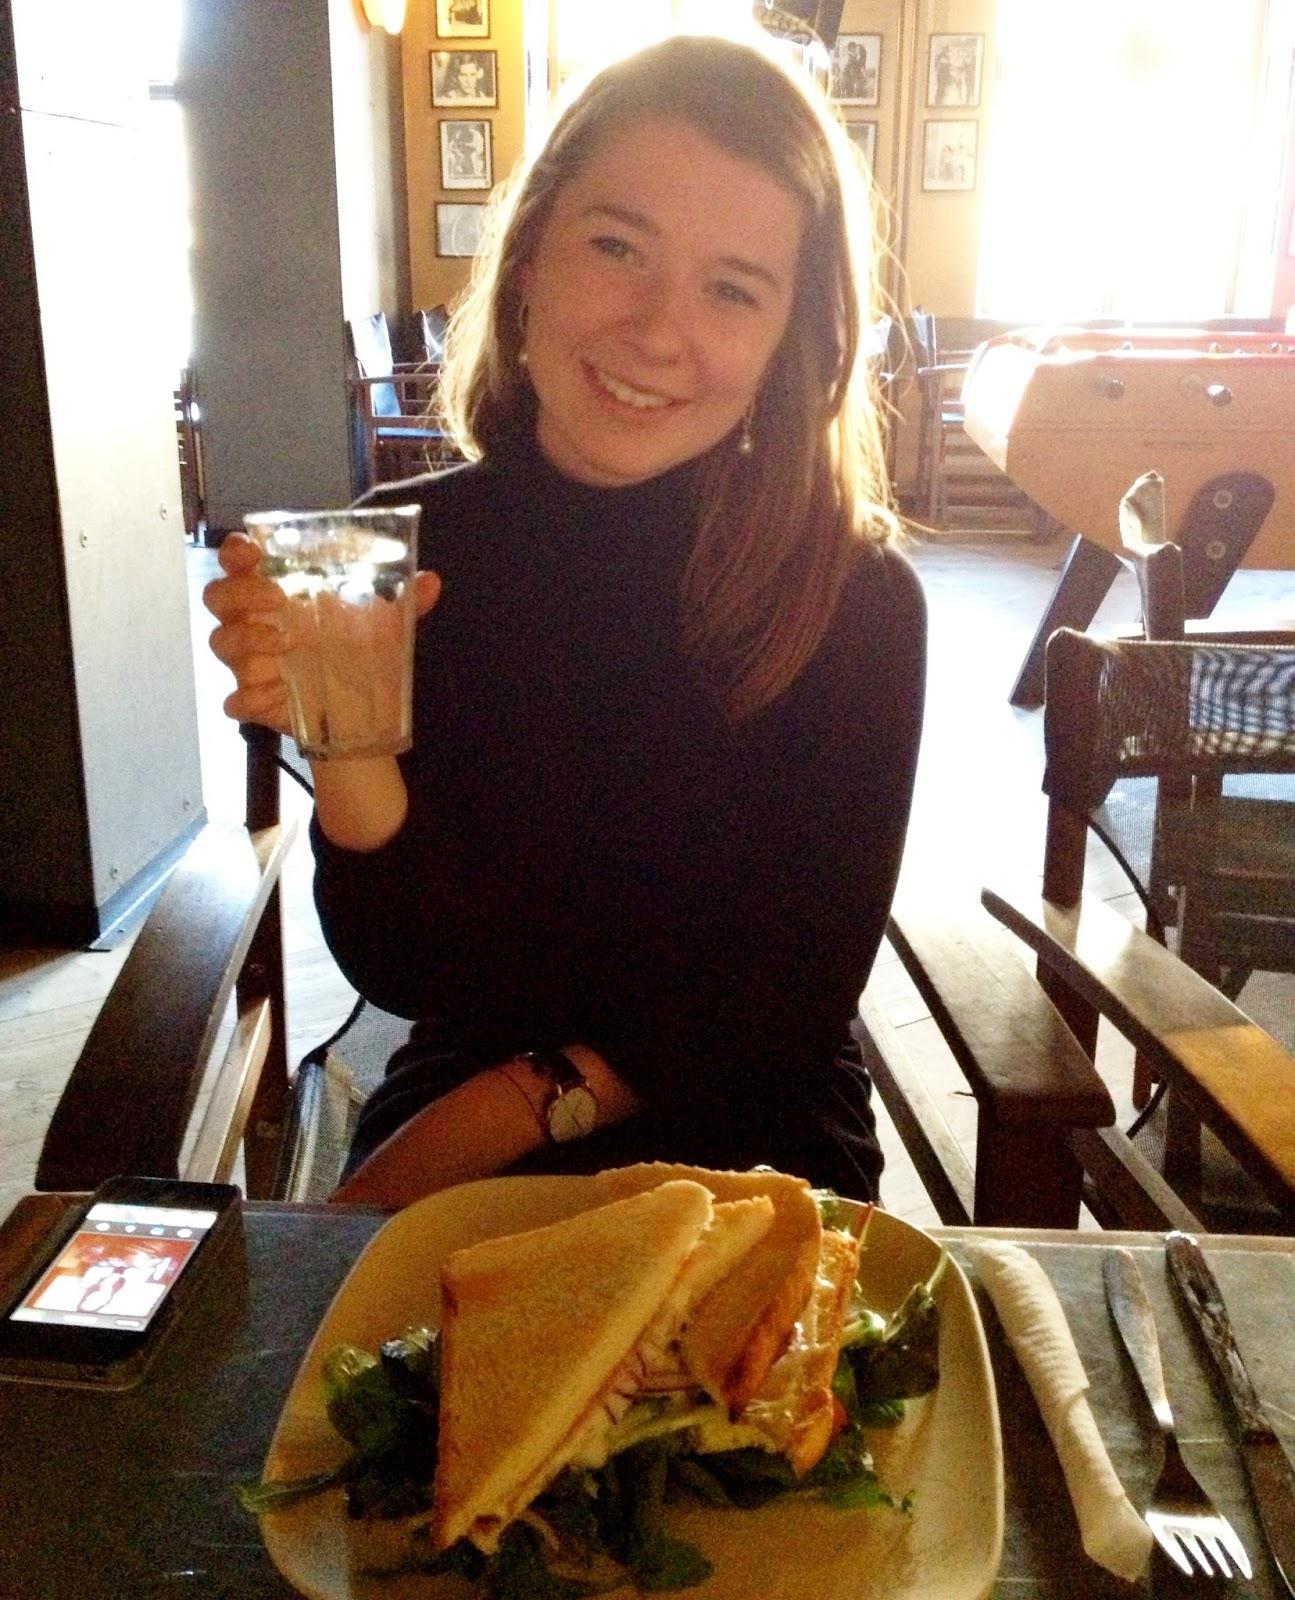 Isabella, Isa-tankestreg, Cafe klaptræet, kultorvet, vi unge, københavn, blogger, bloggers delight, sommer, veninde